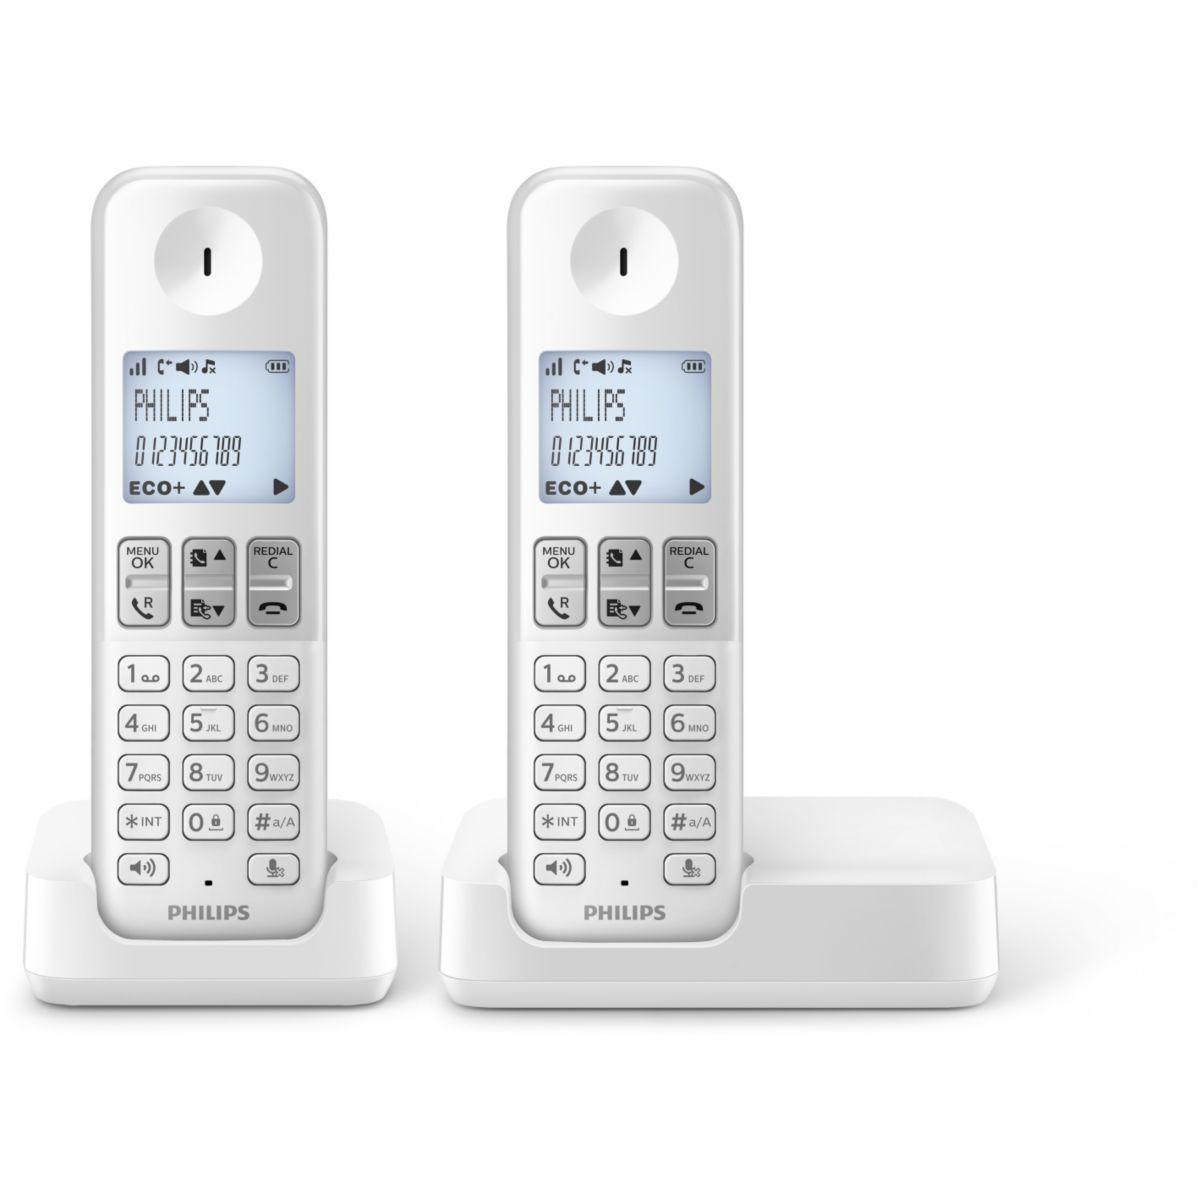 Téléphone sans fil duo philips d2302w/fr blanc - soldes et bons plans